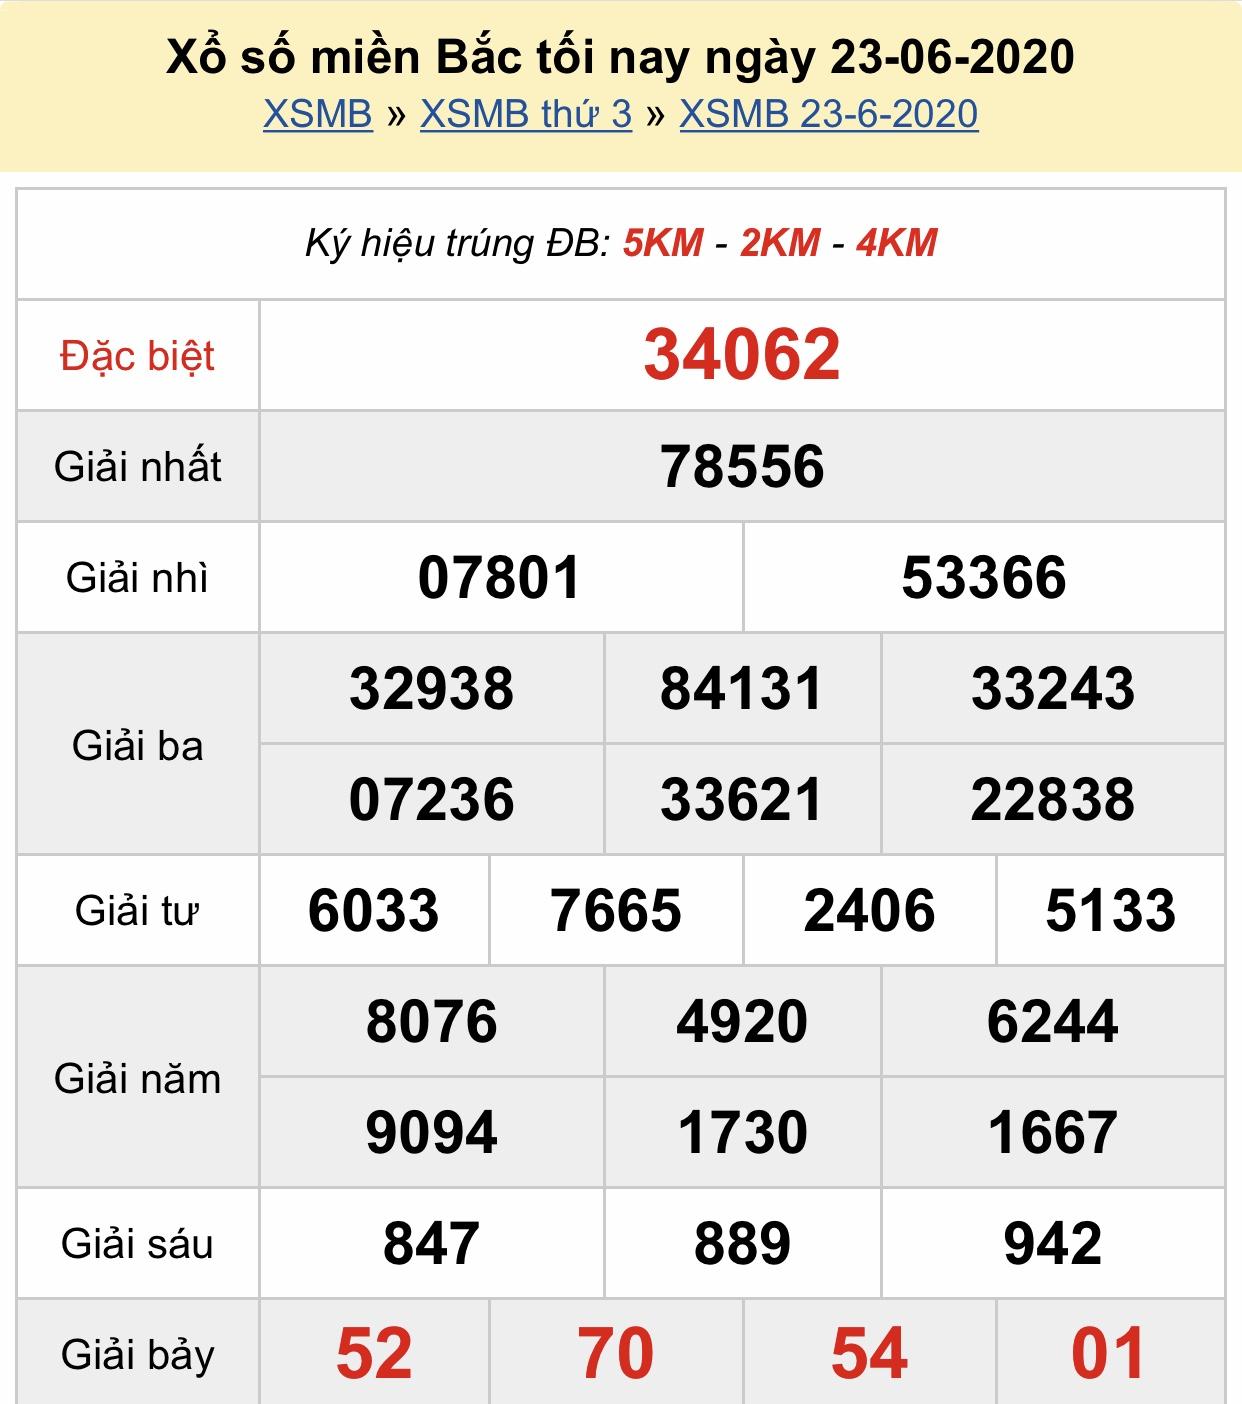 Xsmb 23 6 Kết Quả Xổ Số Miền Bắc Hom Nay Thứ 3 Ngay 23 6 2020